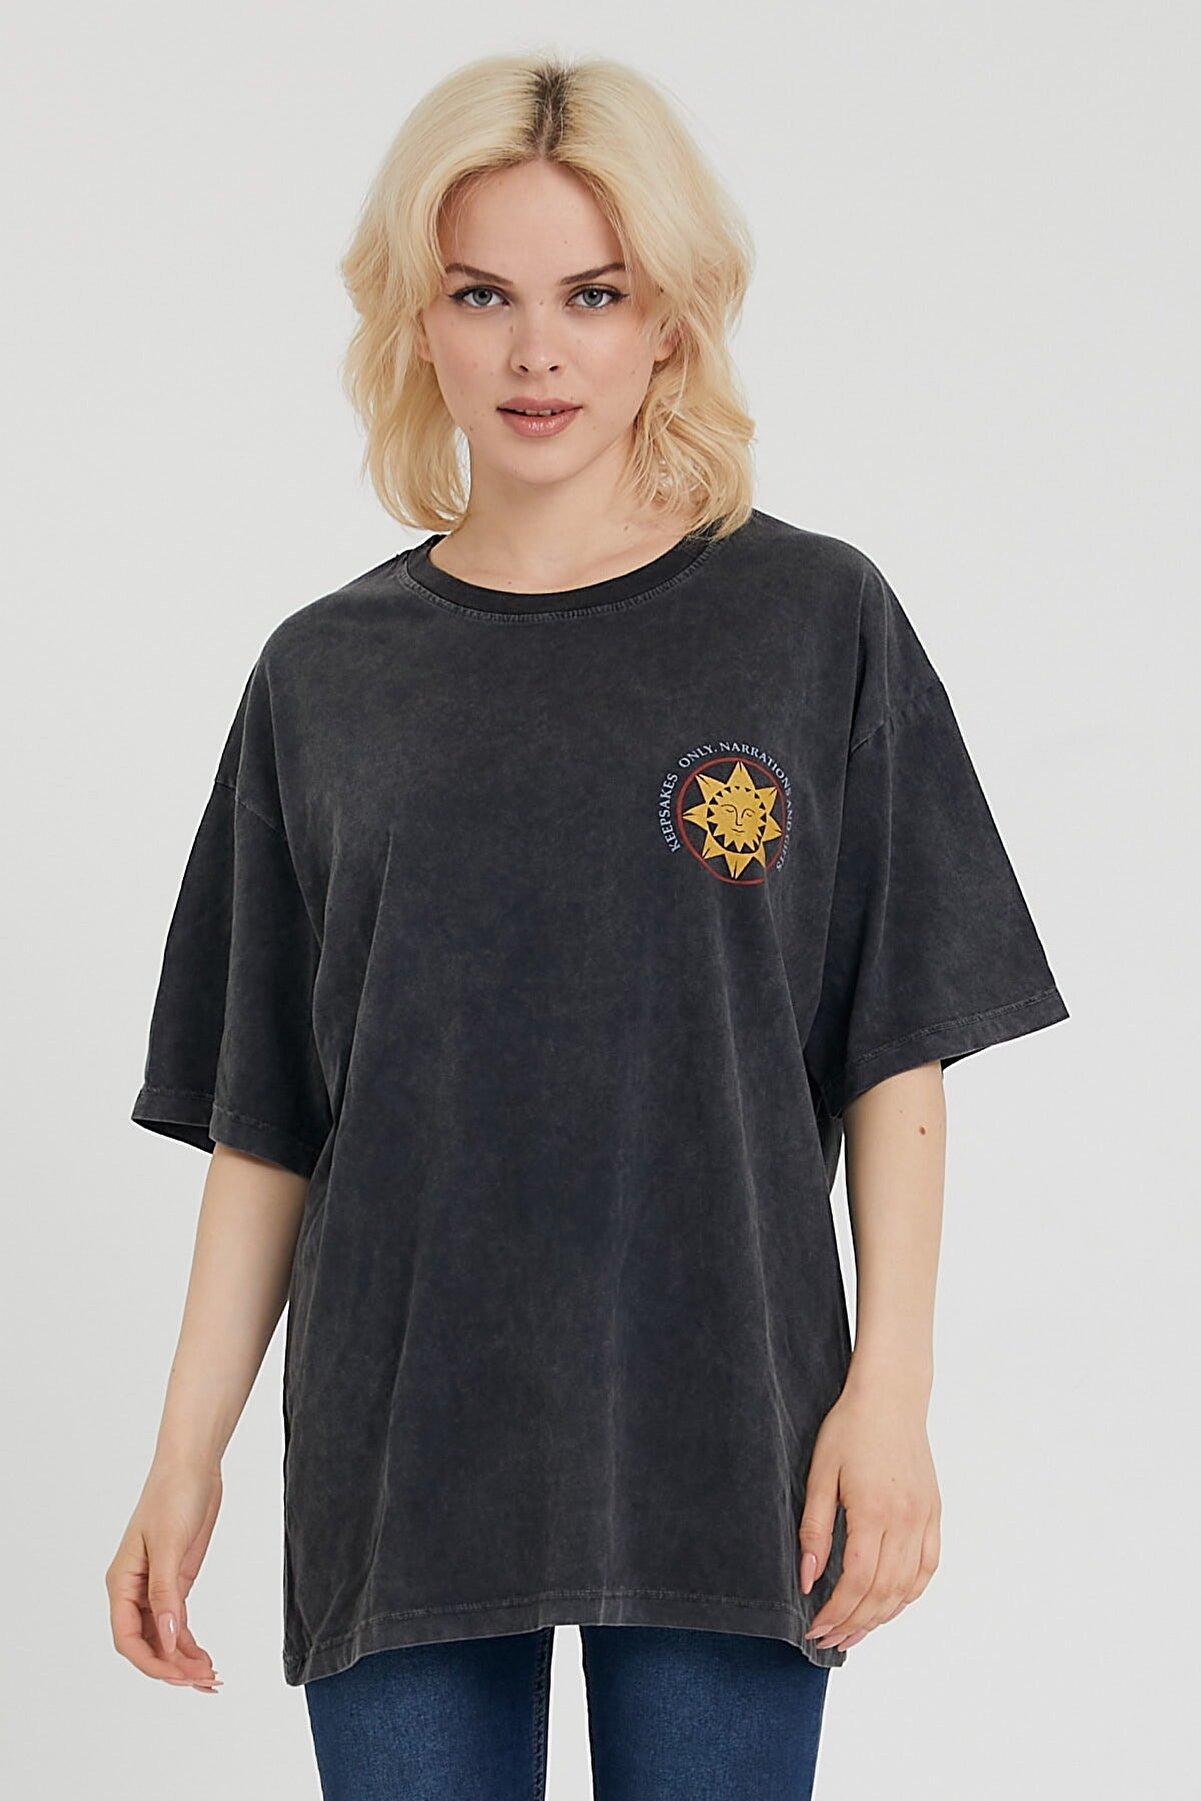 snow basic Kadın Siyah Yıkamalı Güneş Baskılı Oversize T-shirt